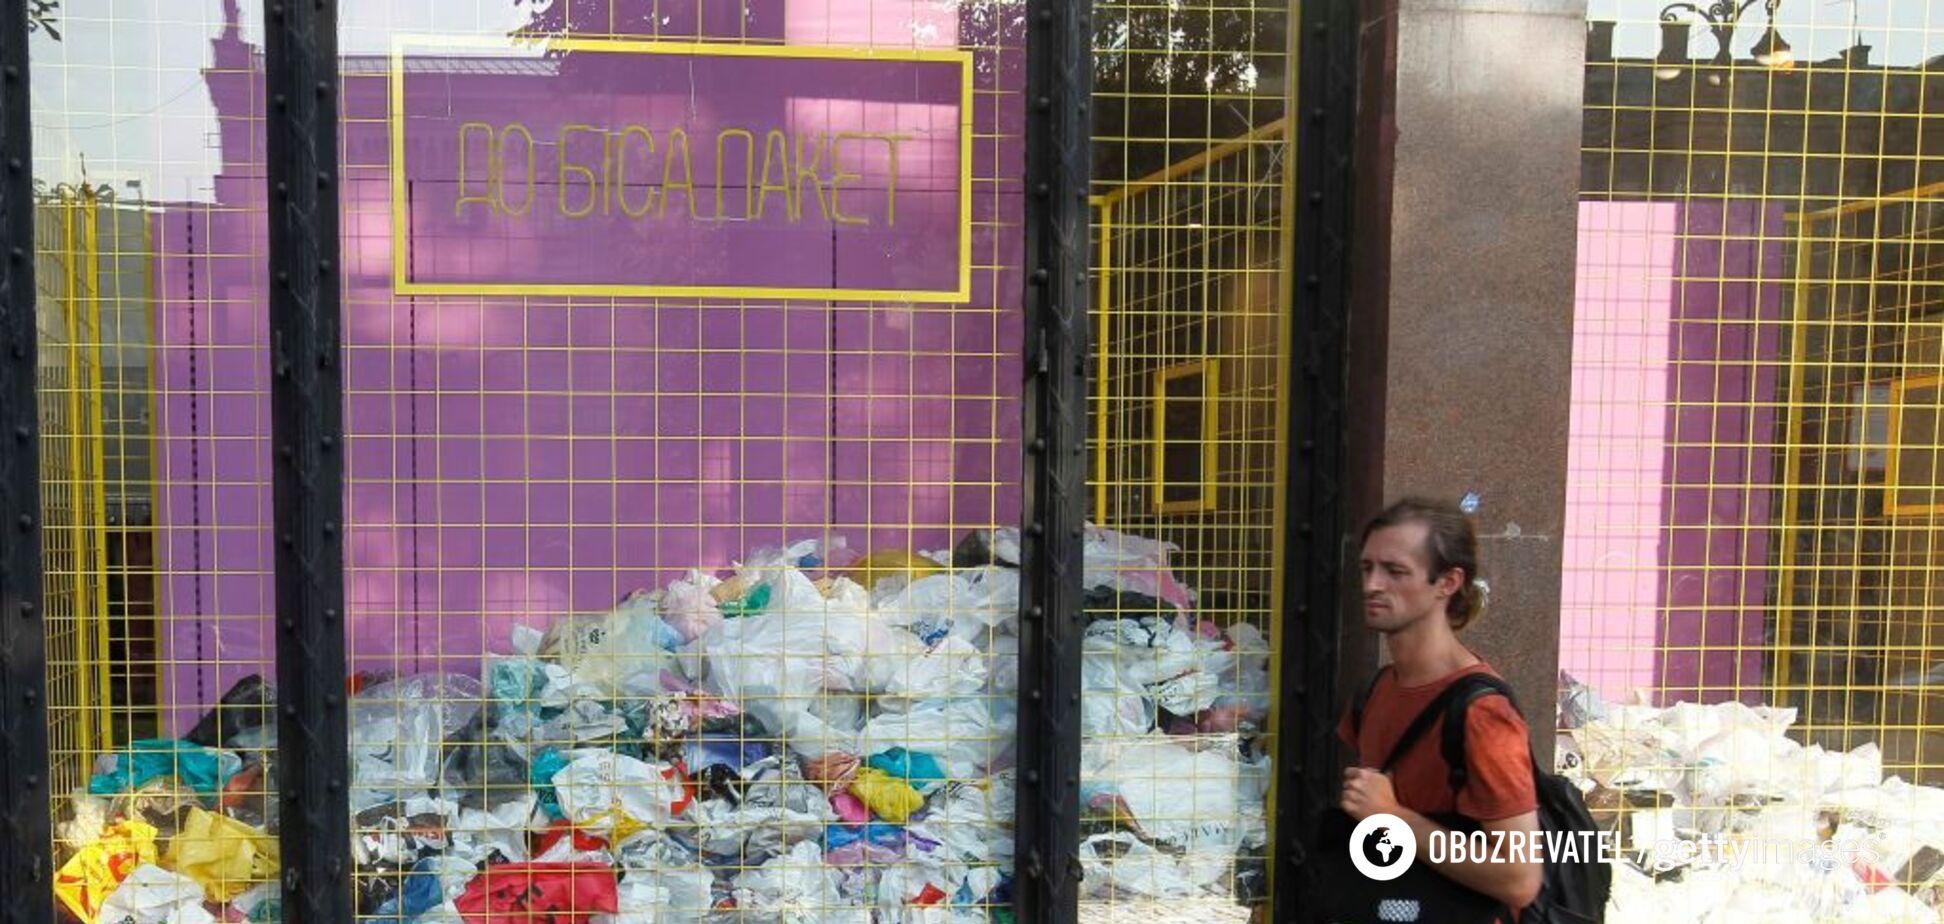 Штрафы по 8 тысяч: в Раде приготовили жесткое наказание за обычные пакеты